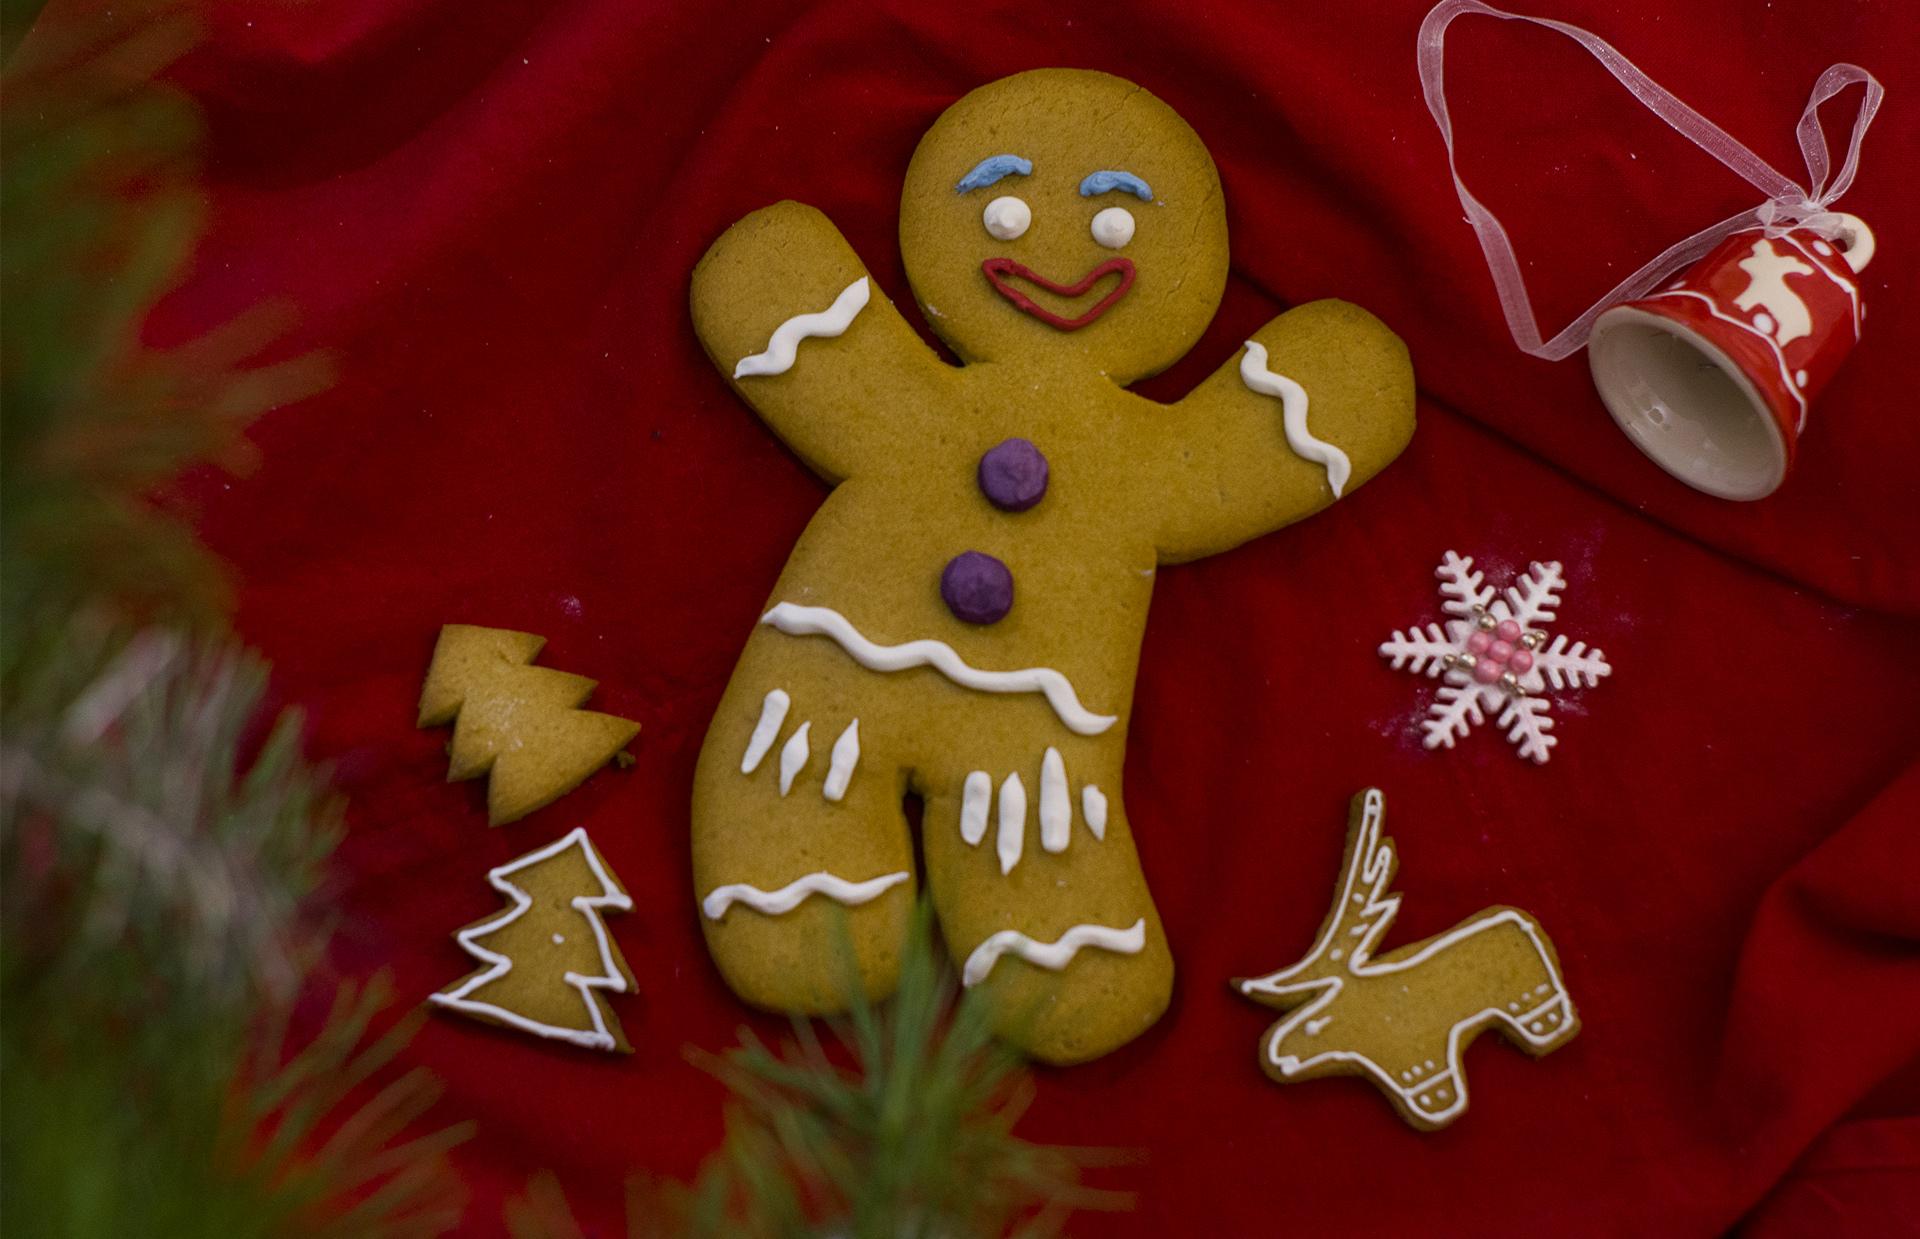 Пряничный человечек (Gingerbread Man)